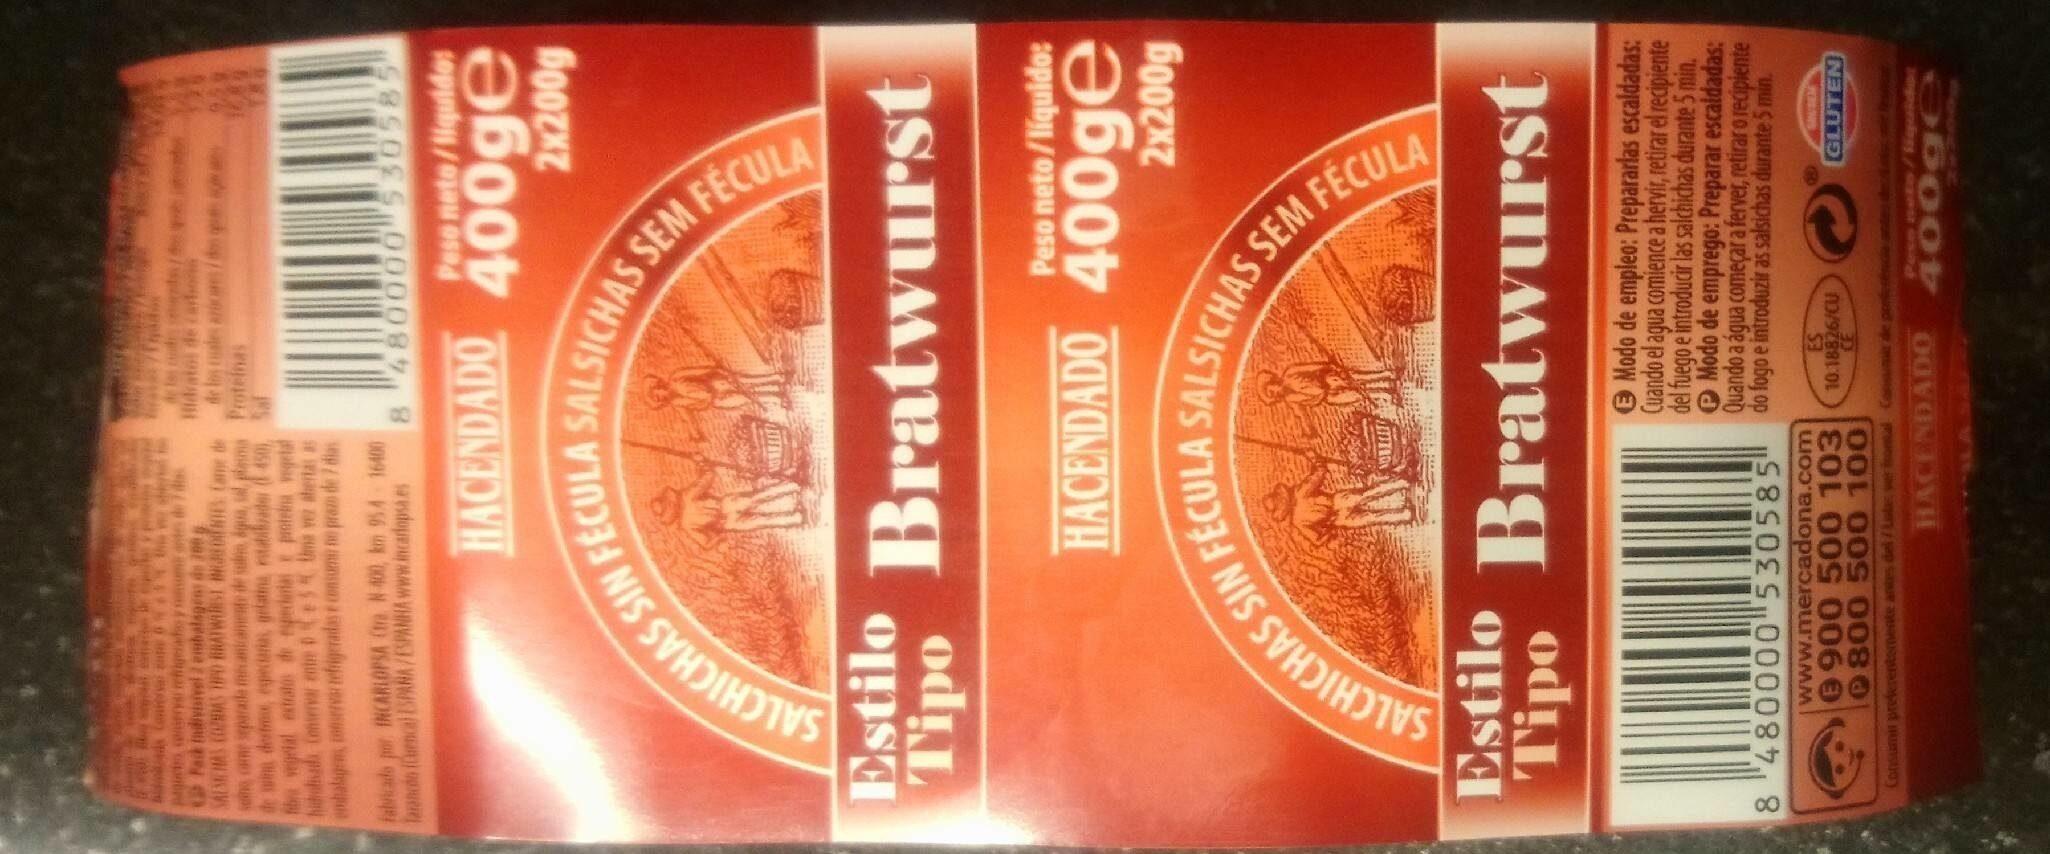 Salchicha estilo bratwurst - Product - es